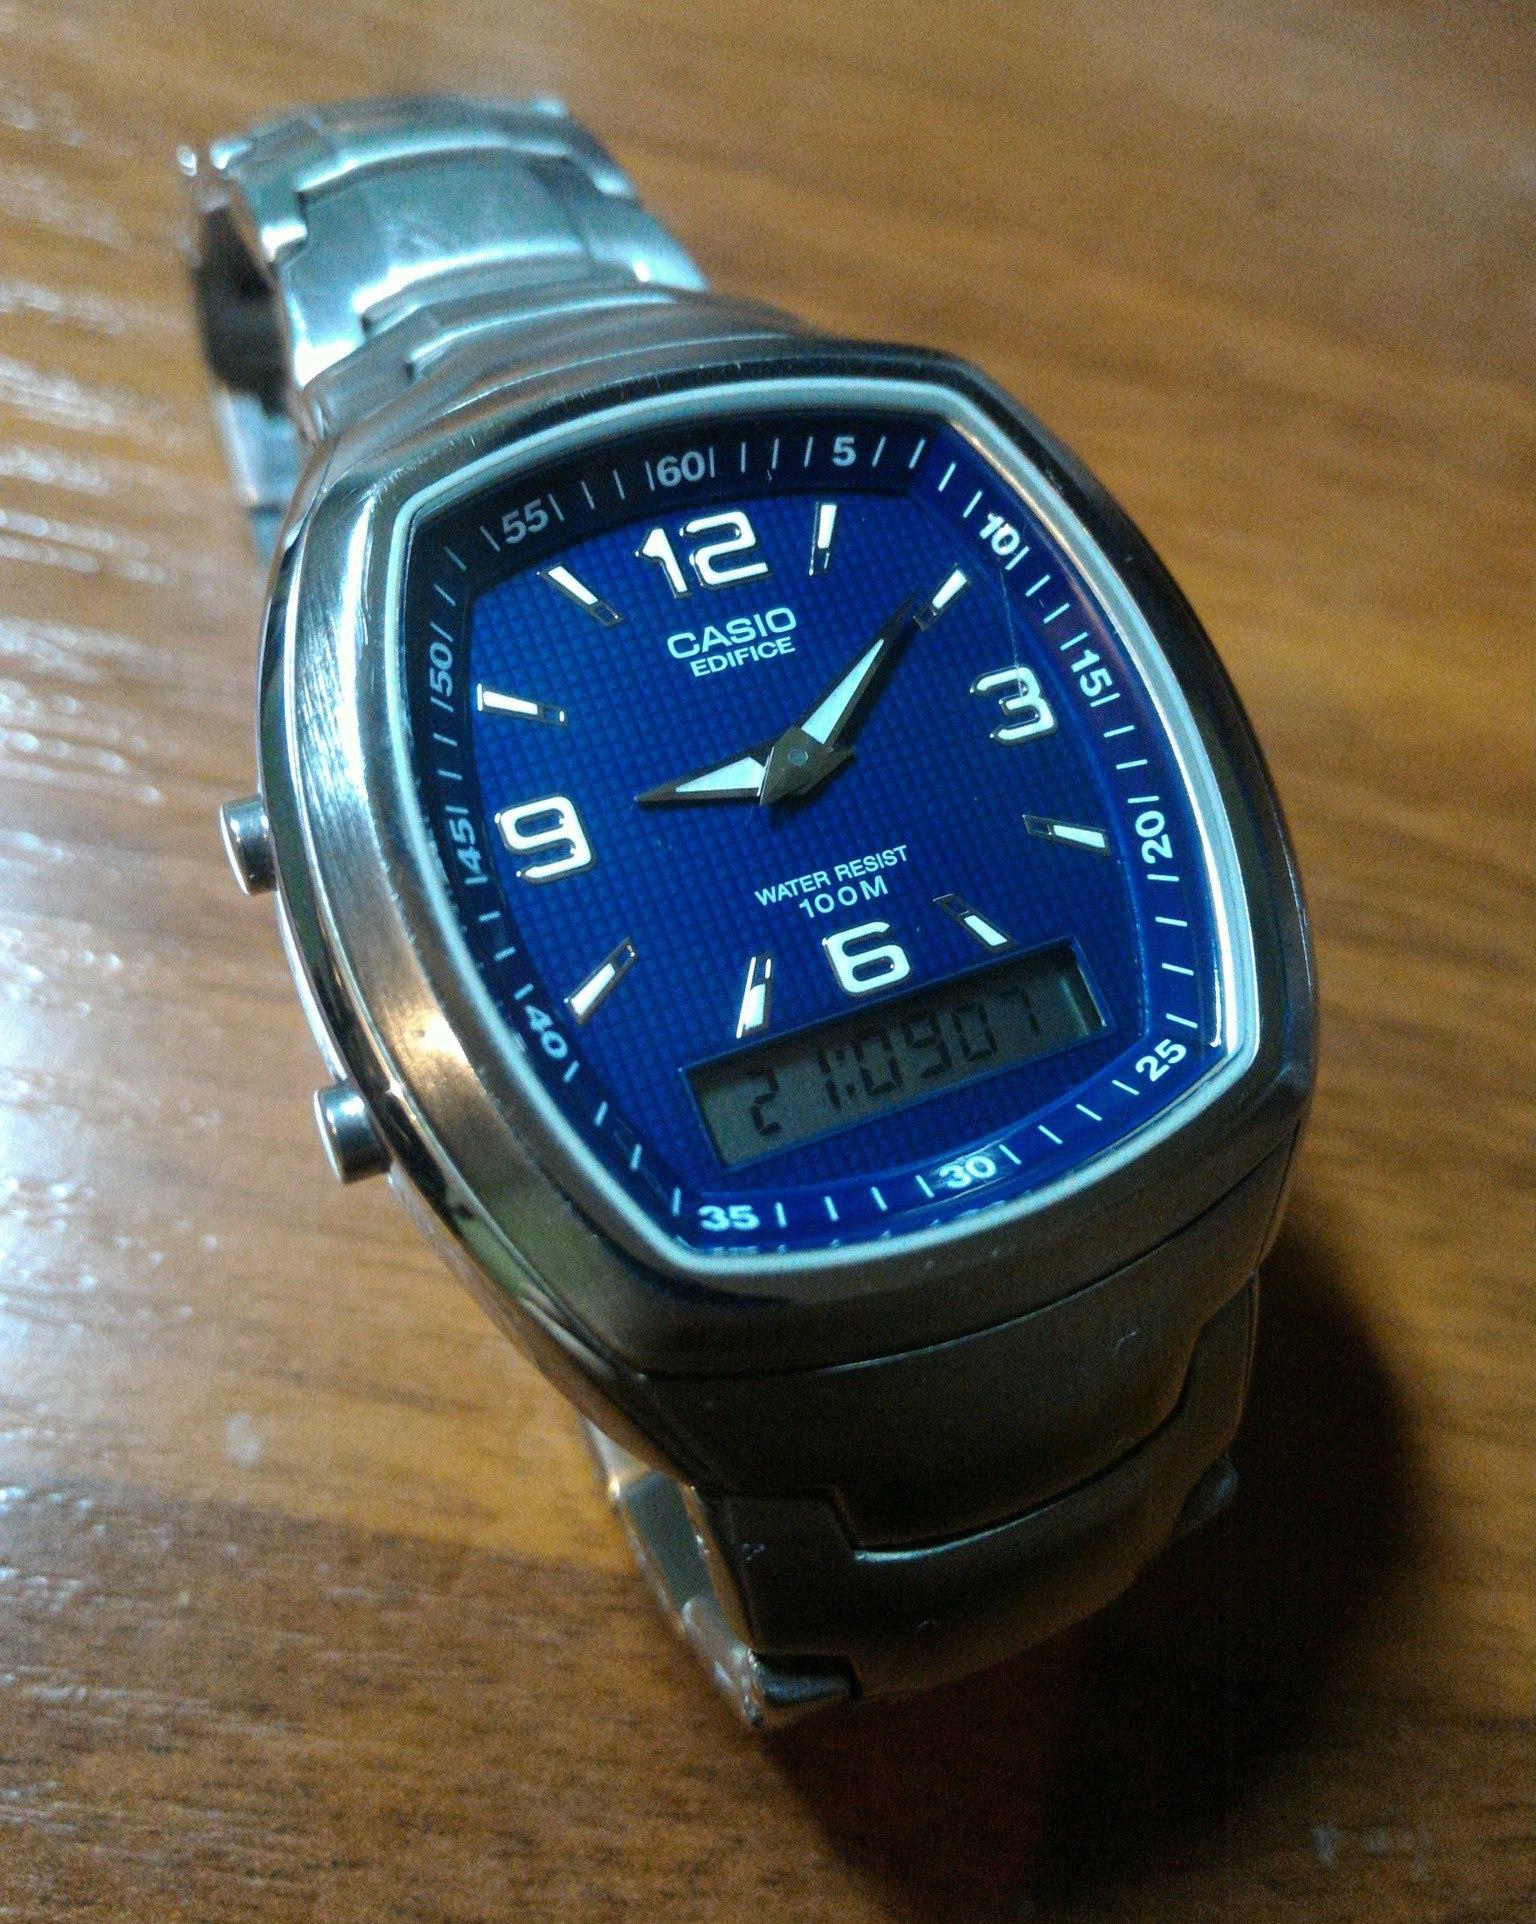 Мои часы Часы, Casio, Подарок, Время, Длиннопост 2686dca5cb3